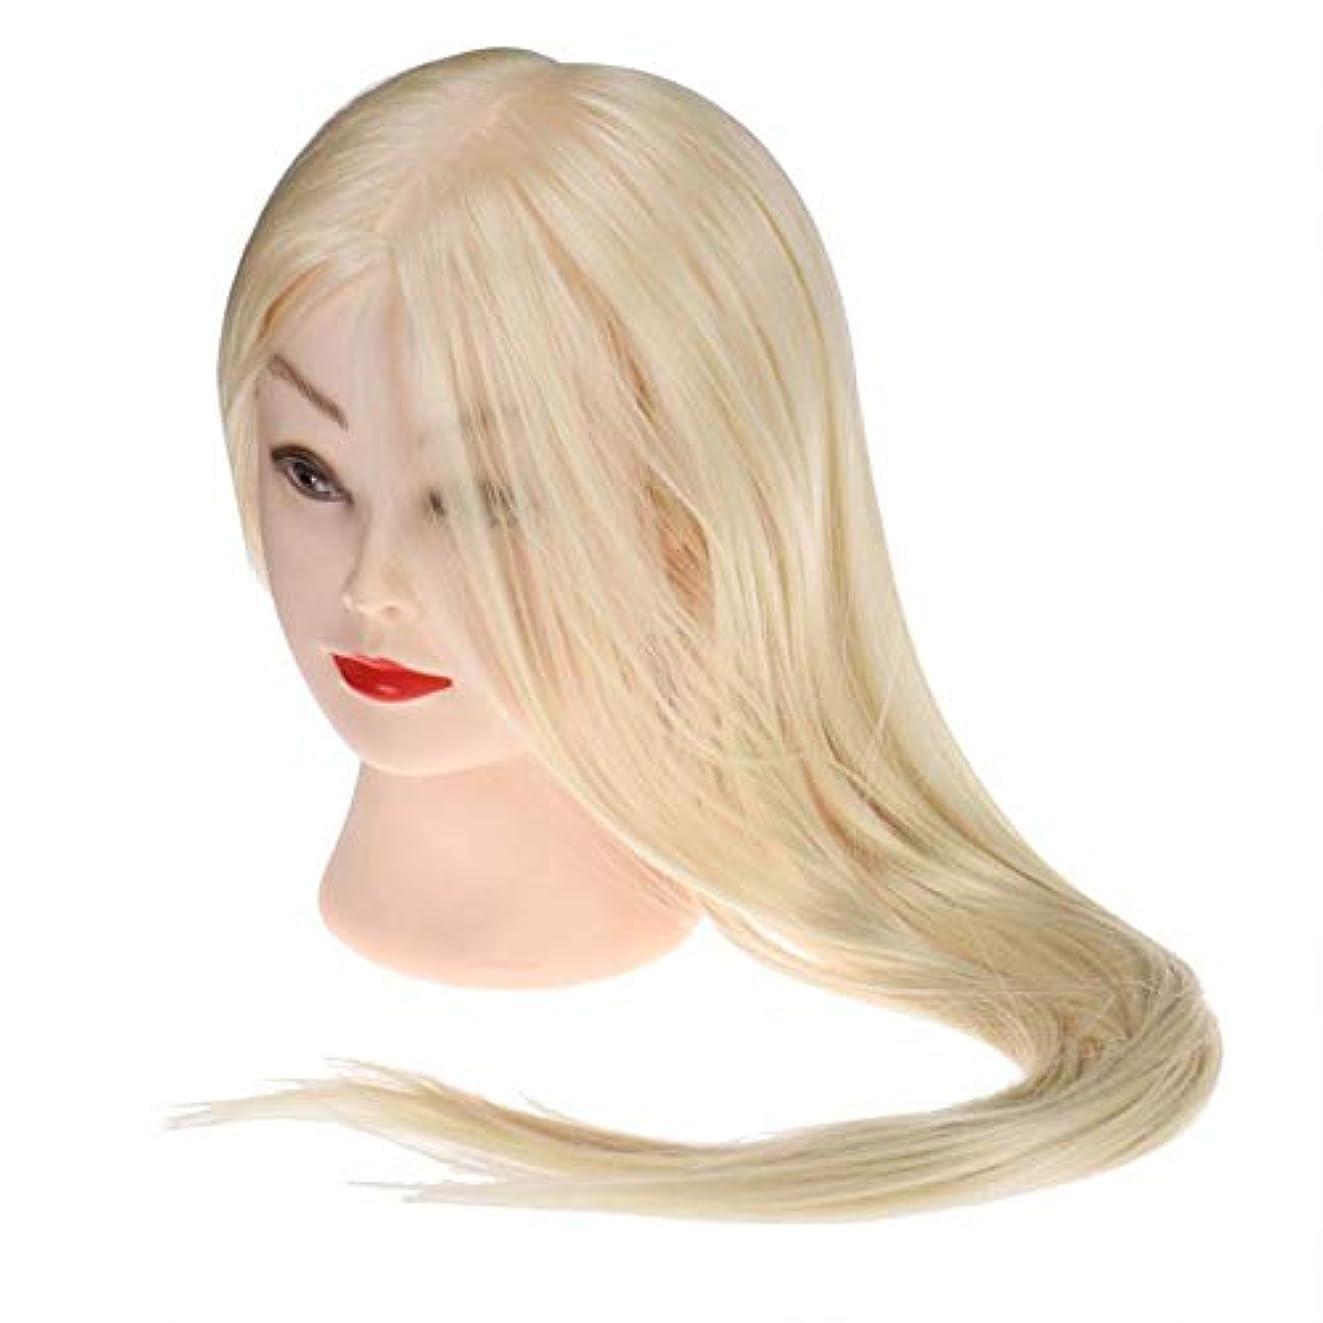 アカデミーブロッサム個人サロン散髪練習ヘッドモデルメイク学校編組髪開発学習モデルヘッドヘアストレートロングかつら